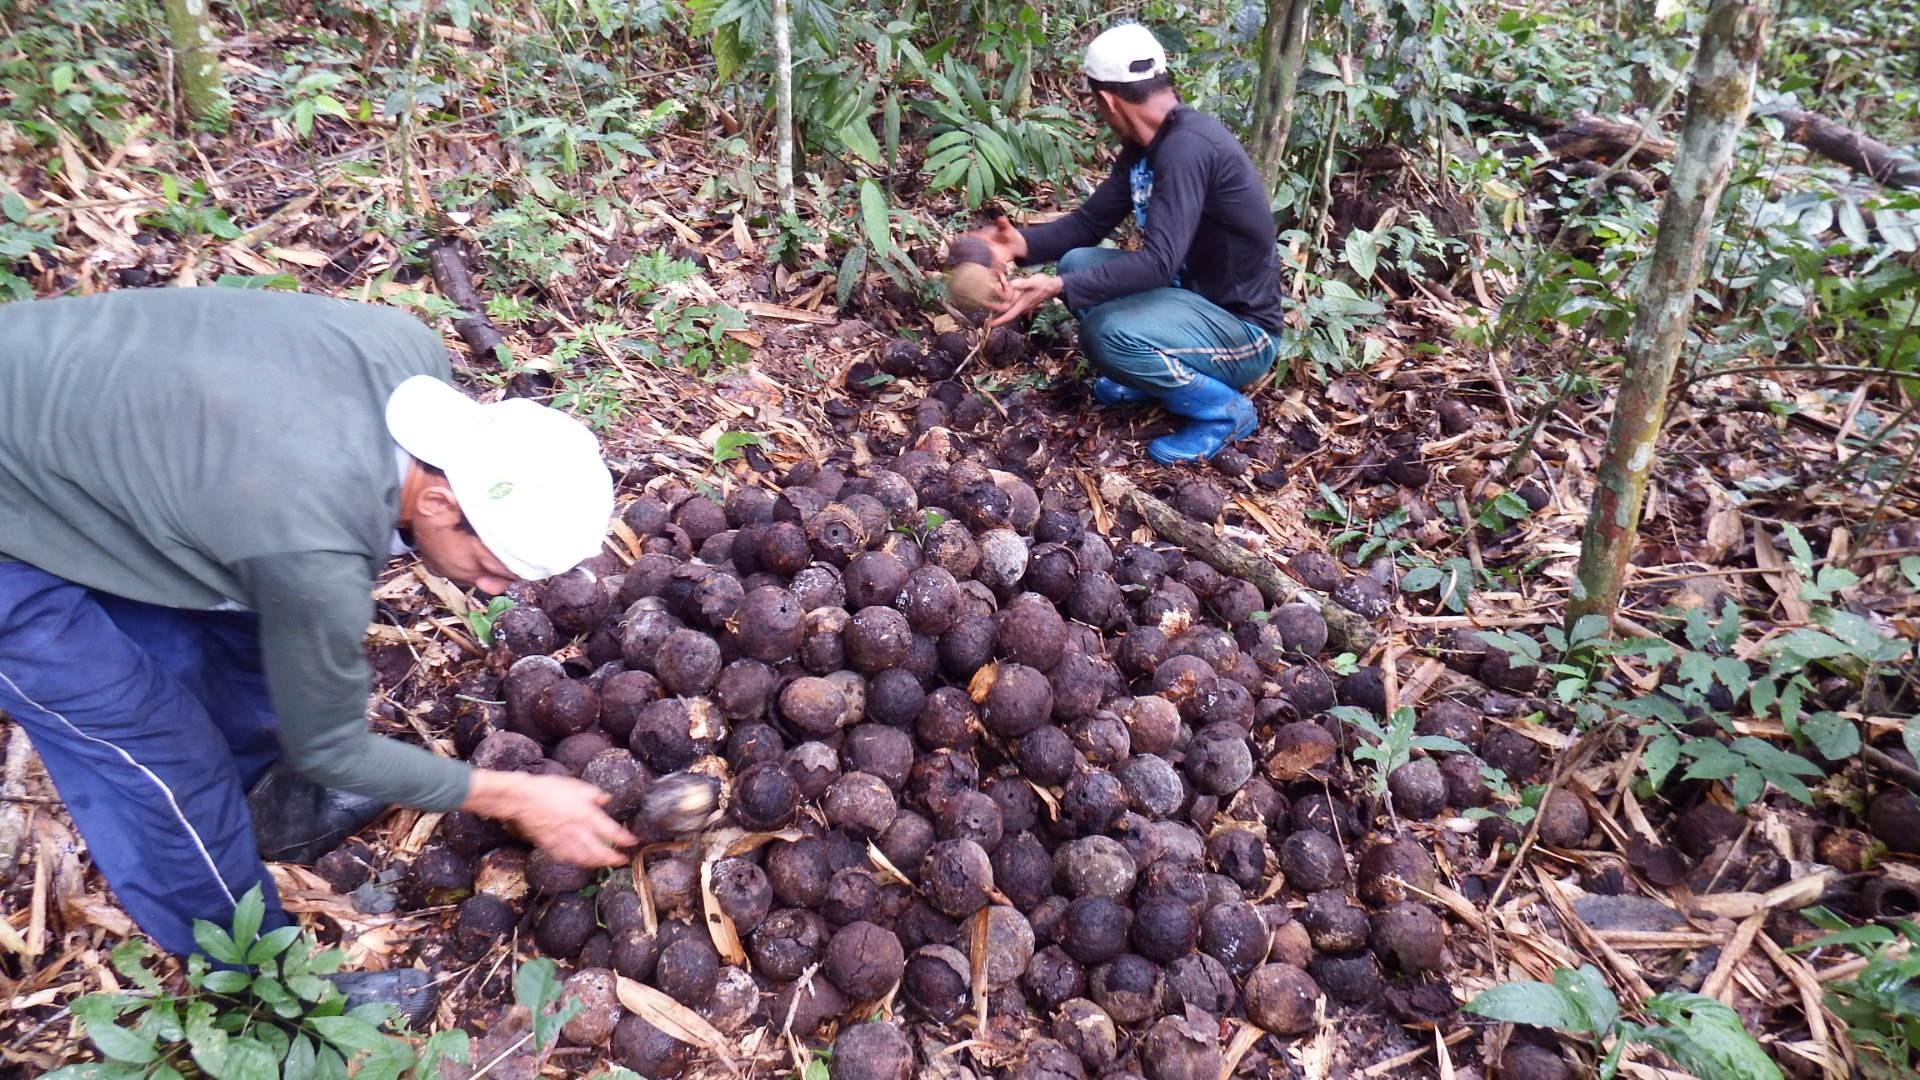 Coleta de castanha-da-amazônia na Reserva Extrativista Cazumbá-Iracema, no Acre. (Foto: IPE)